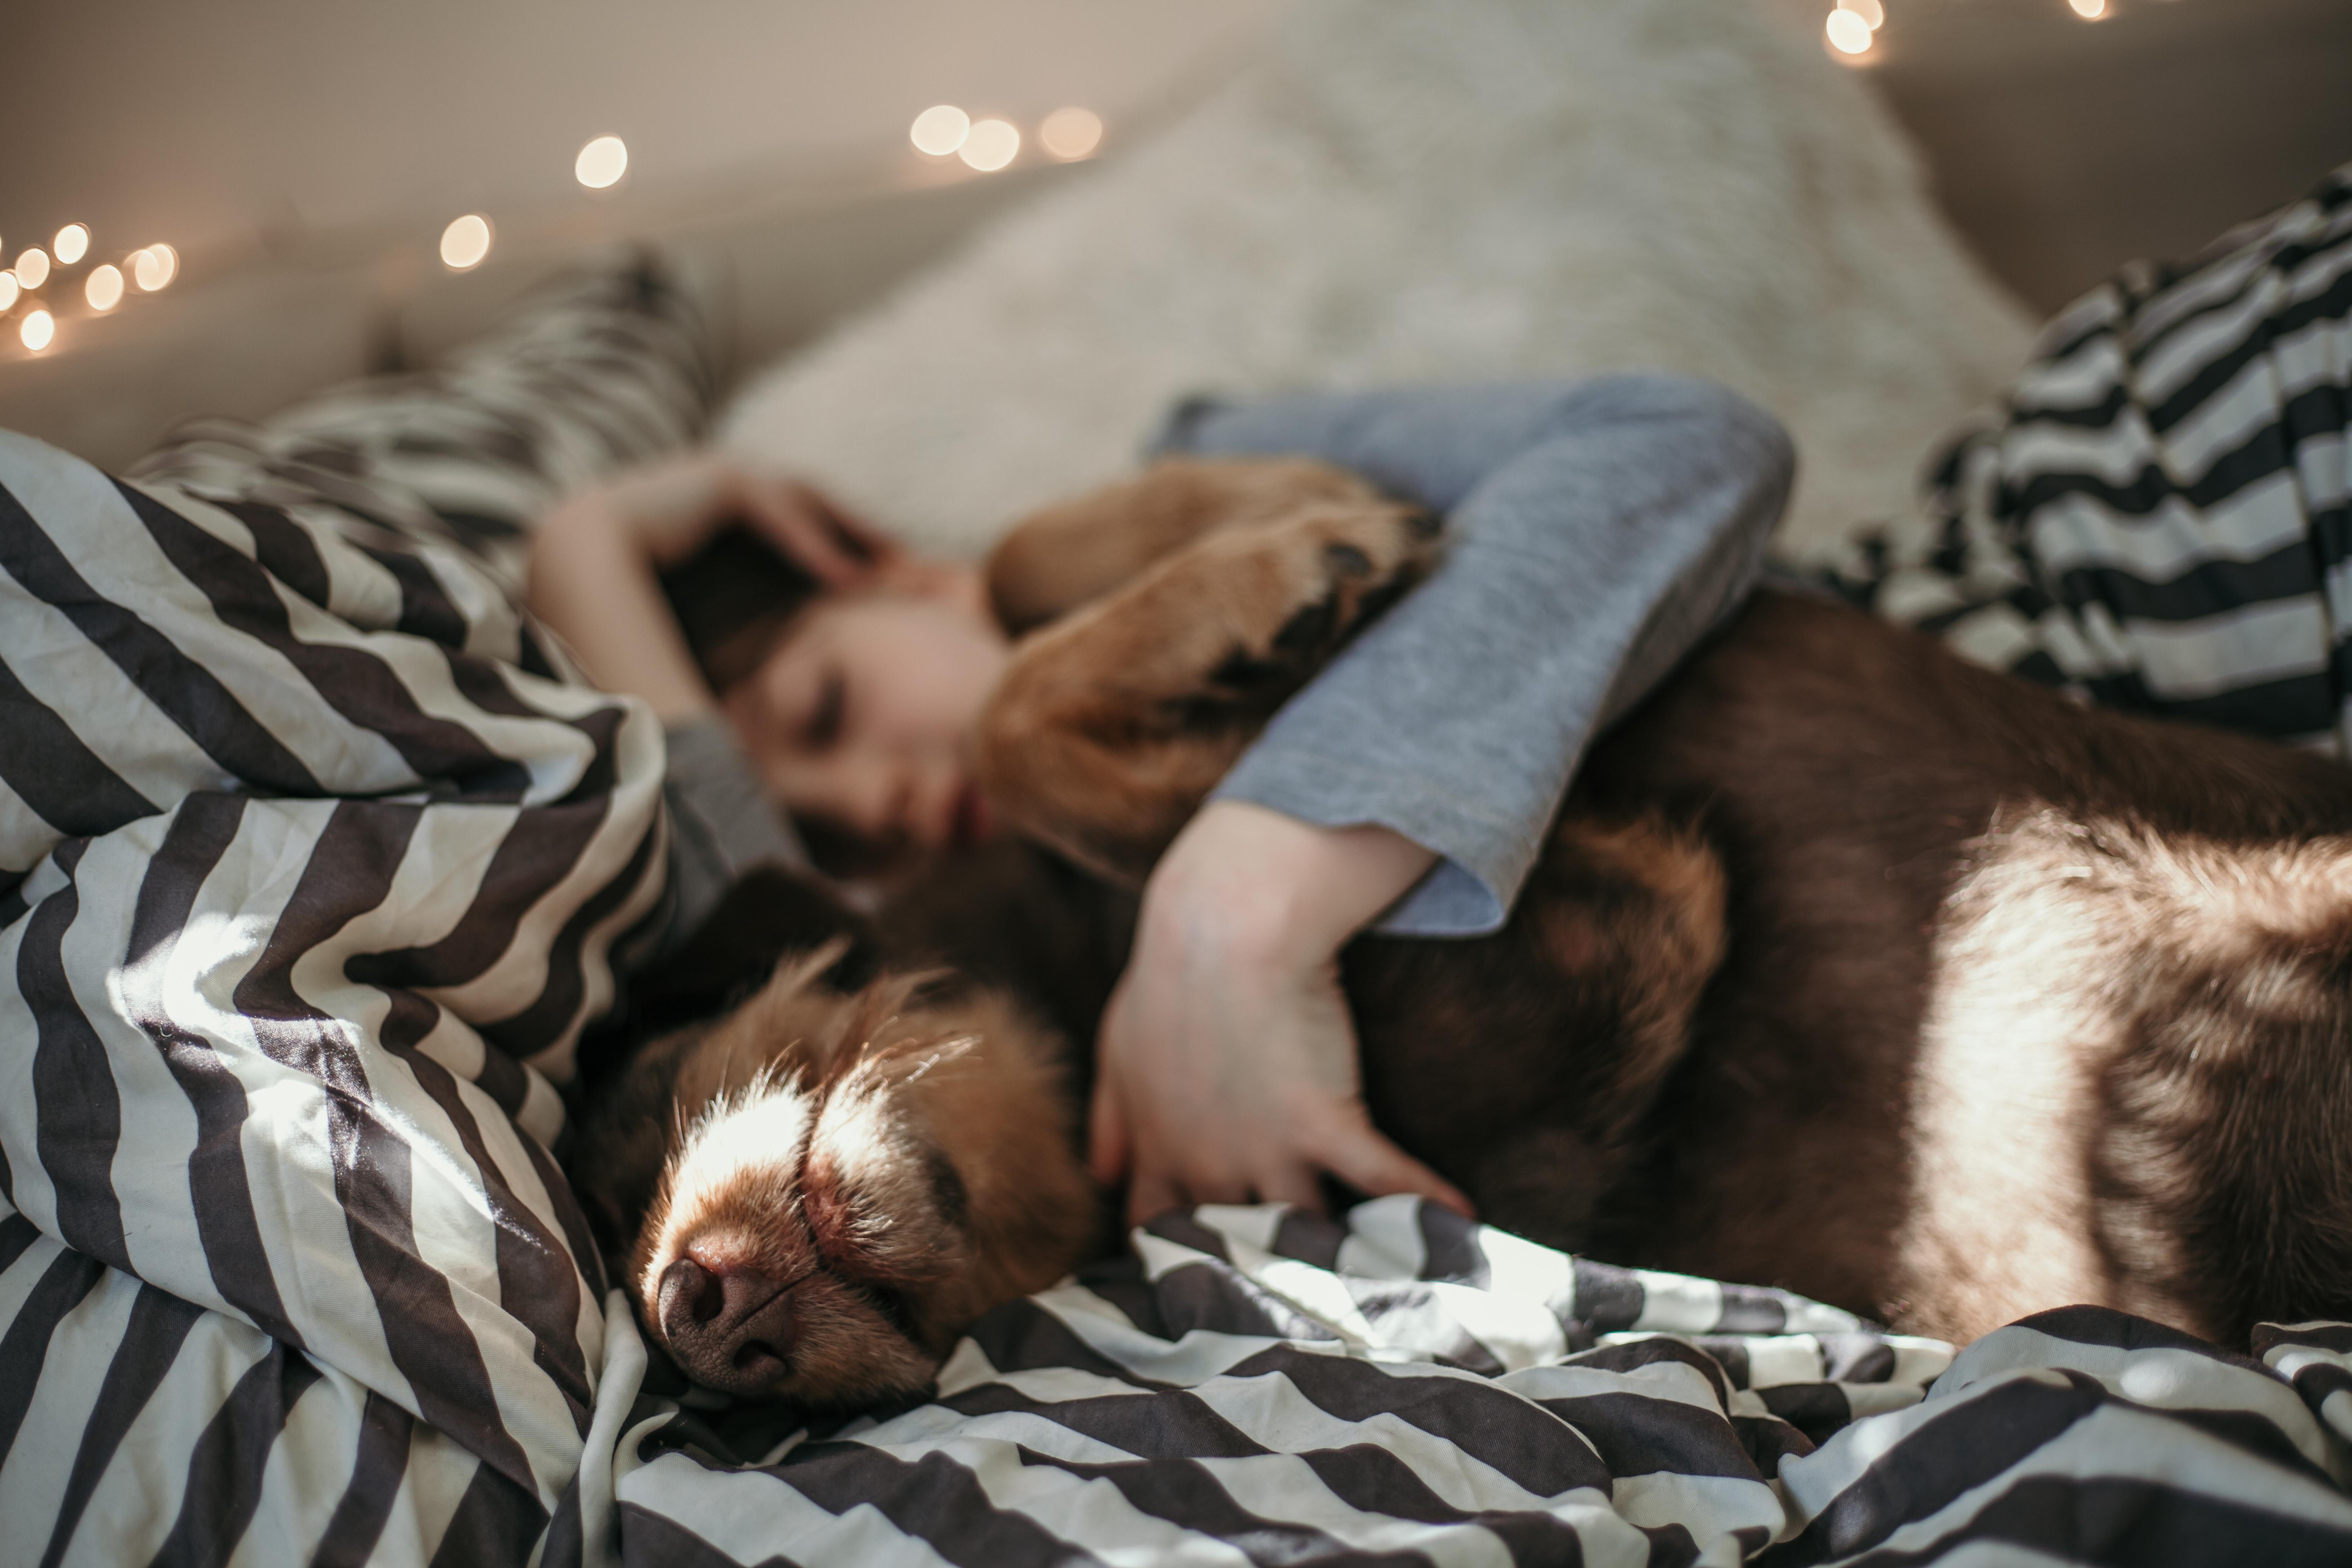 Av de tillfrågade uppgav mer än hälften, 55 procent av kvinnorna, att de delade säng med minst en hund.